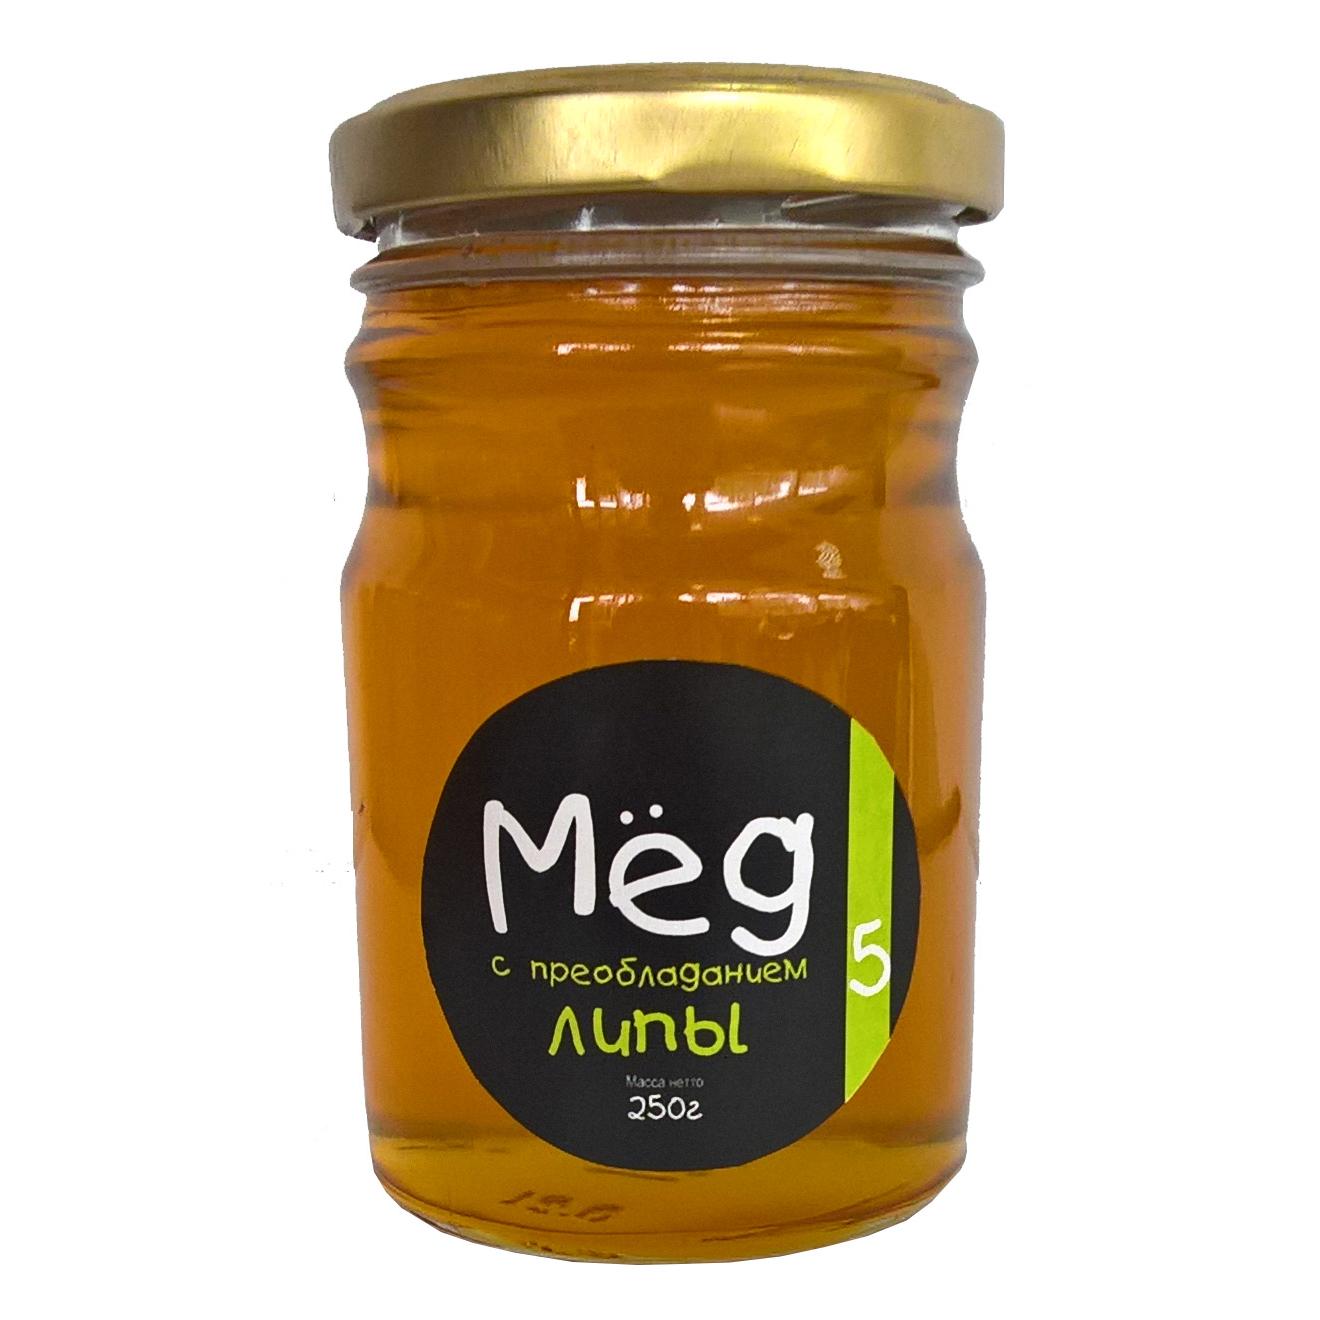 Фото - Мёд Пасека №5 натуральный с преобладанием липы, 250 г мёд медовый дом частная пасека фитнес 460 г